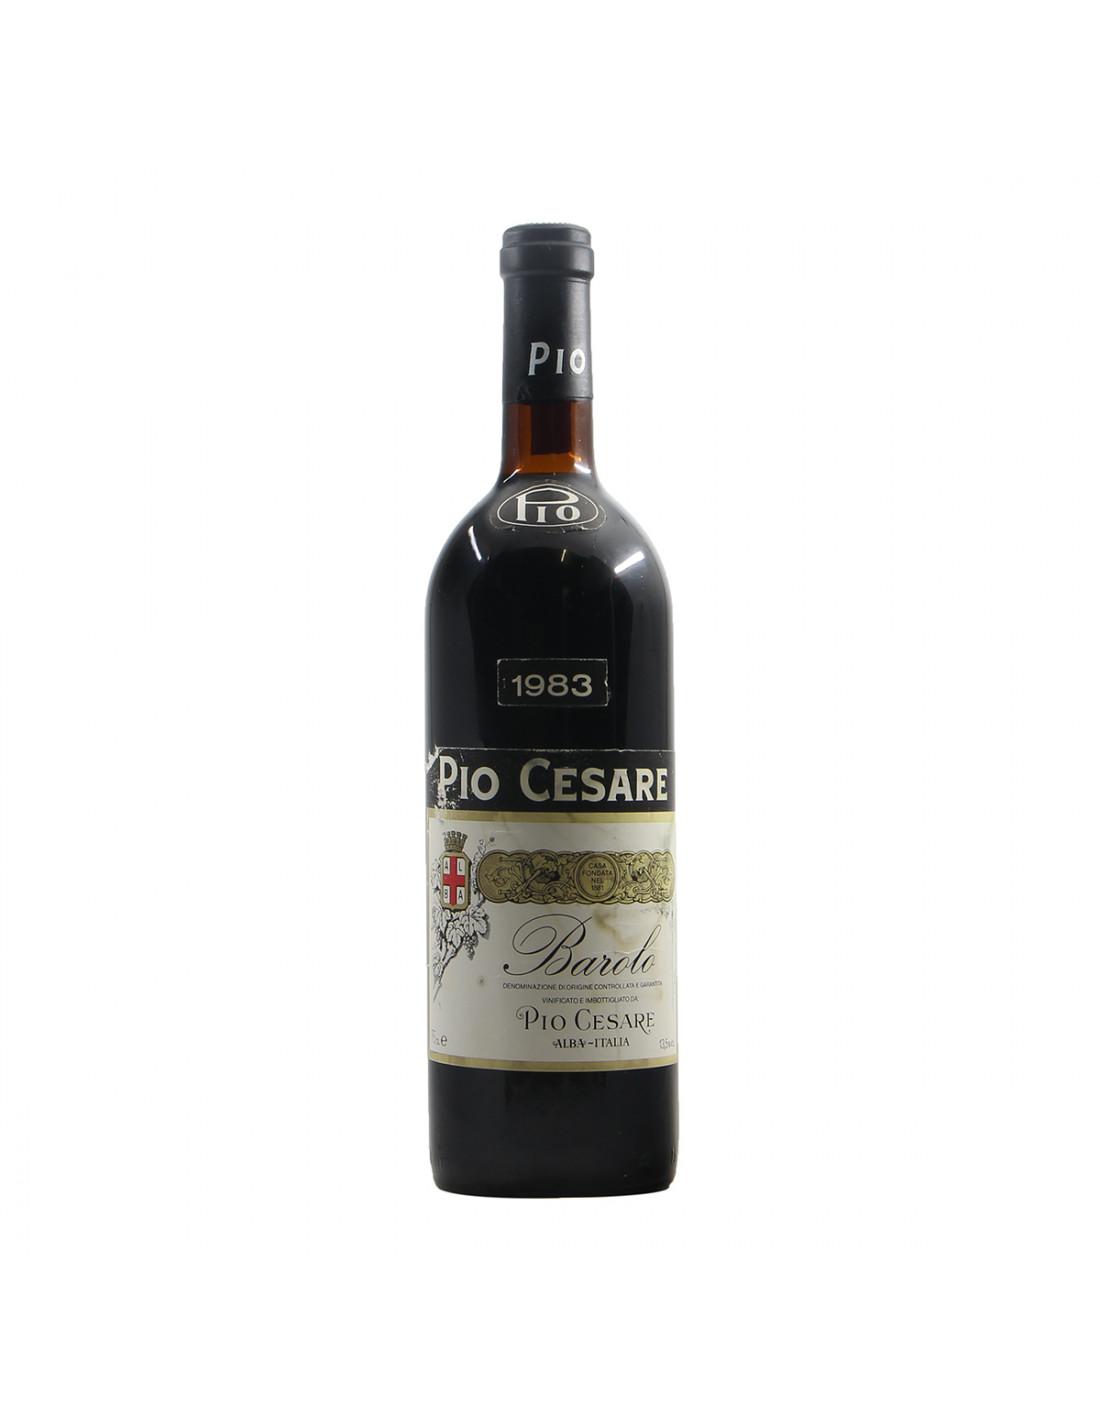 Pio Cesare Barolo 1983 Grandi Bottiglie